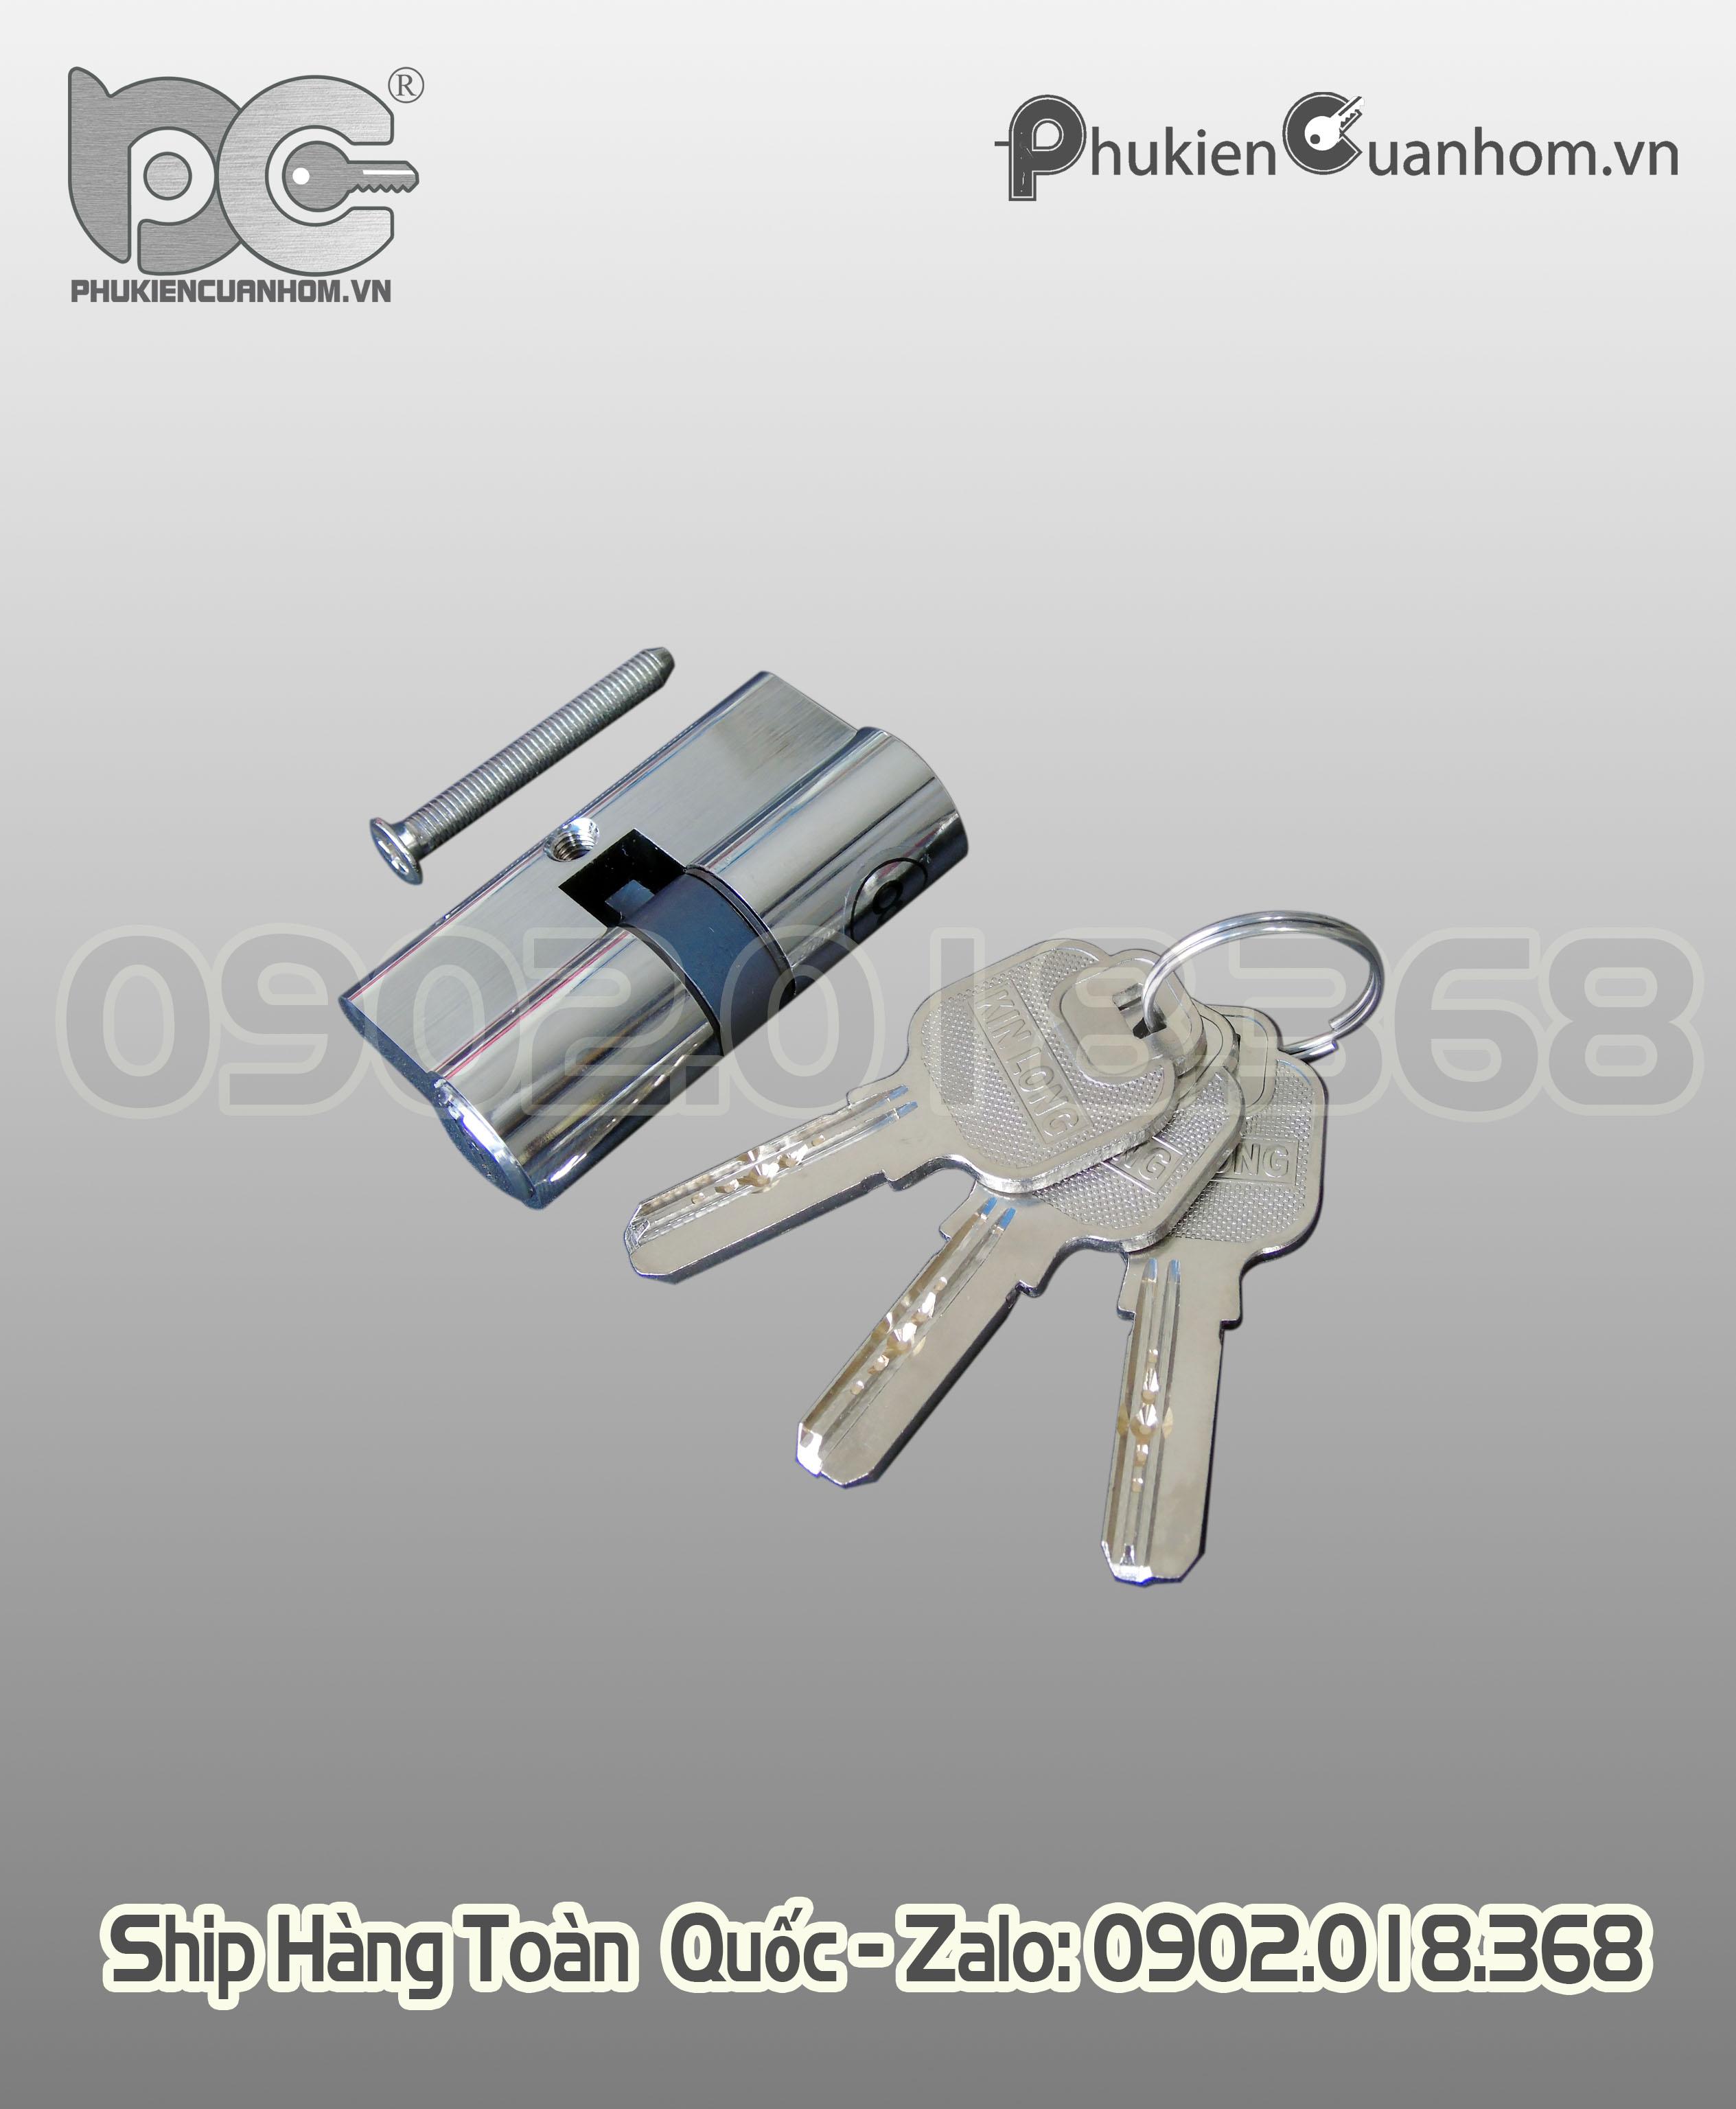 Khoá chữ P có chìa cửa đi lùa hiệu KinLong chính hãng